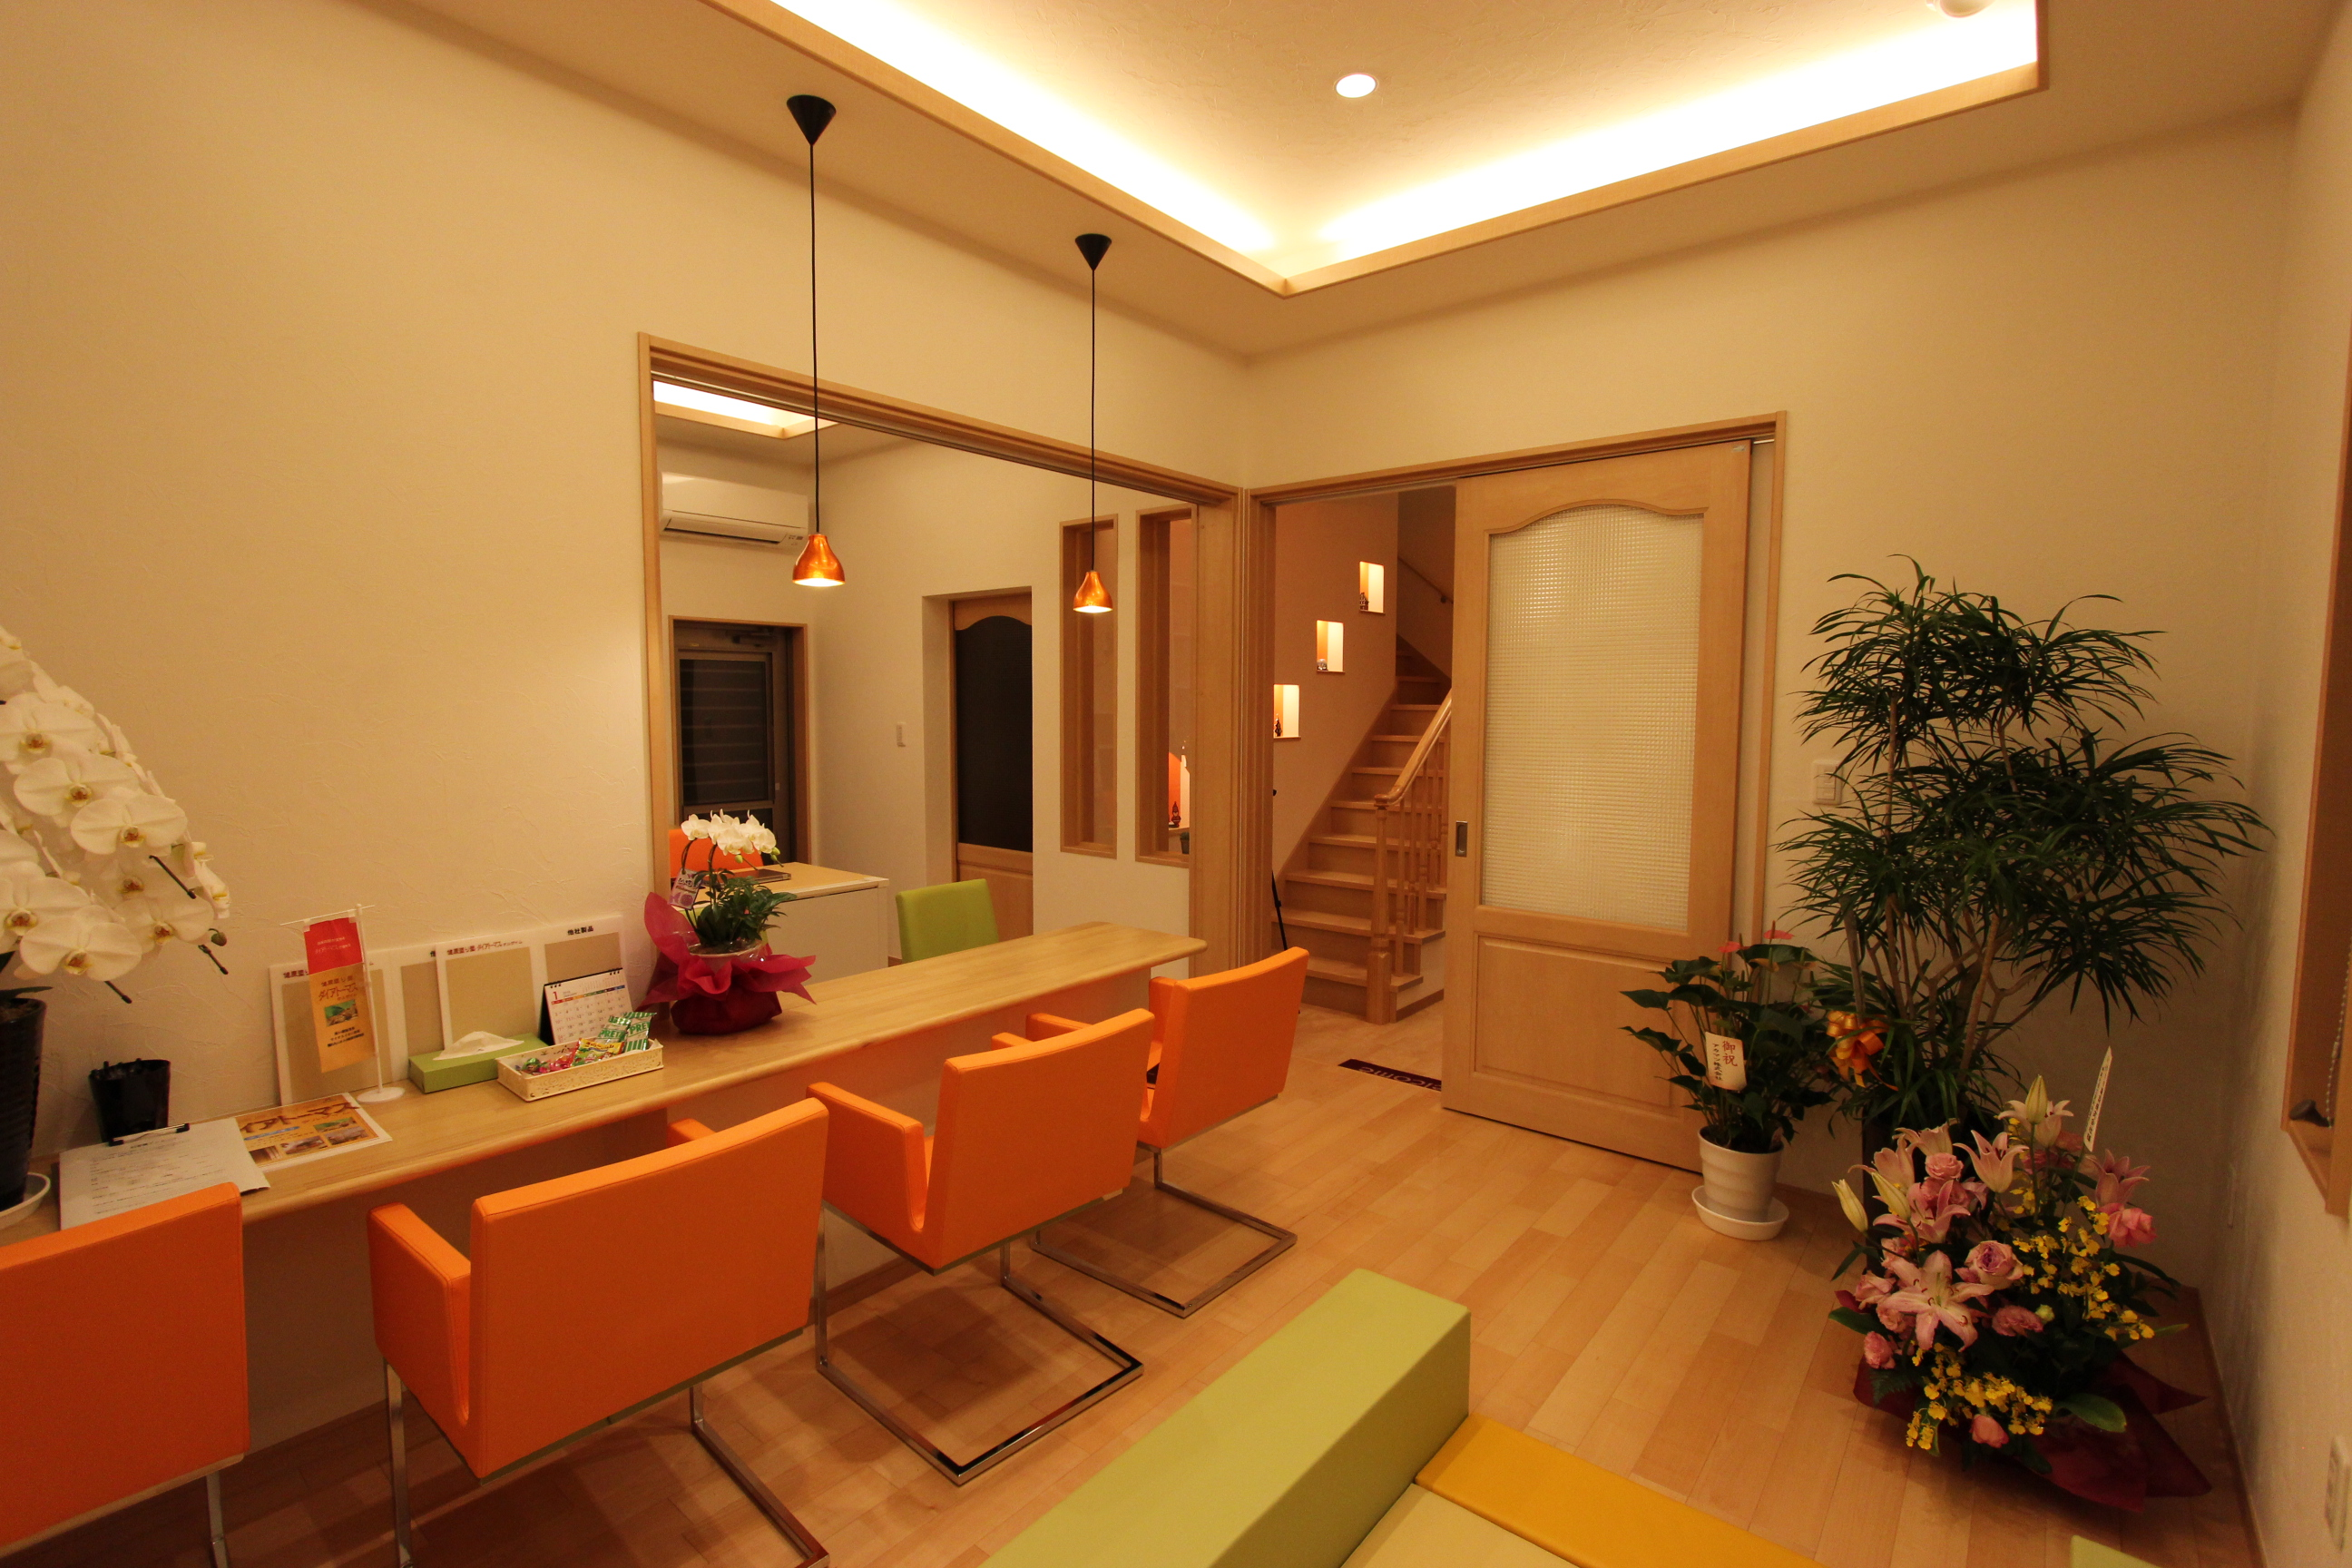 四国中央市で耐震住宅の内装写真